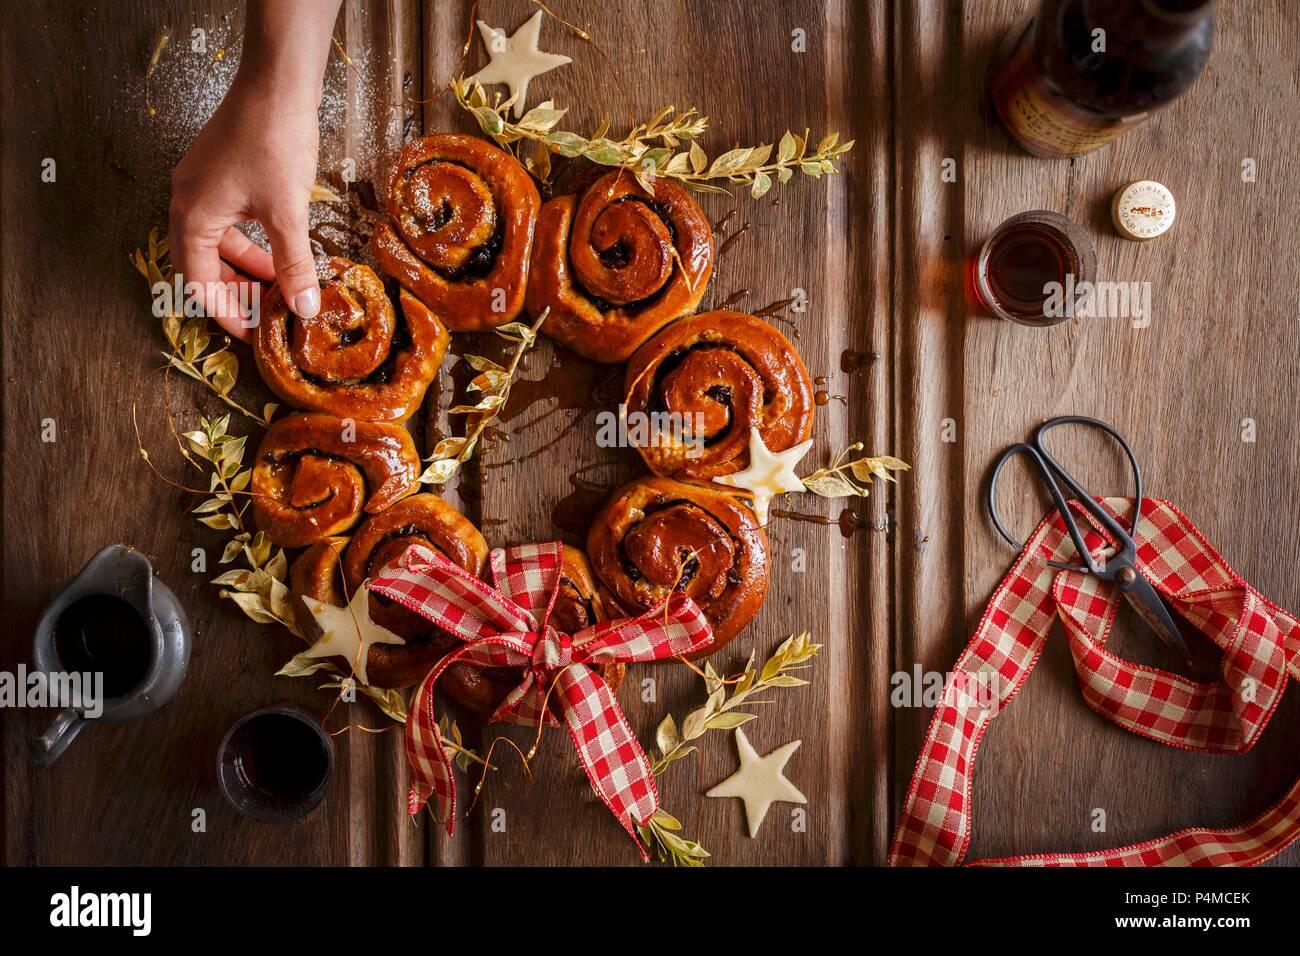 Una ghirlanda di tritare vorticosamente con sherry per Natale Foto Stock